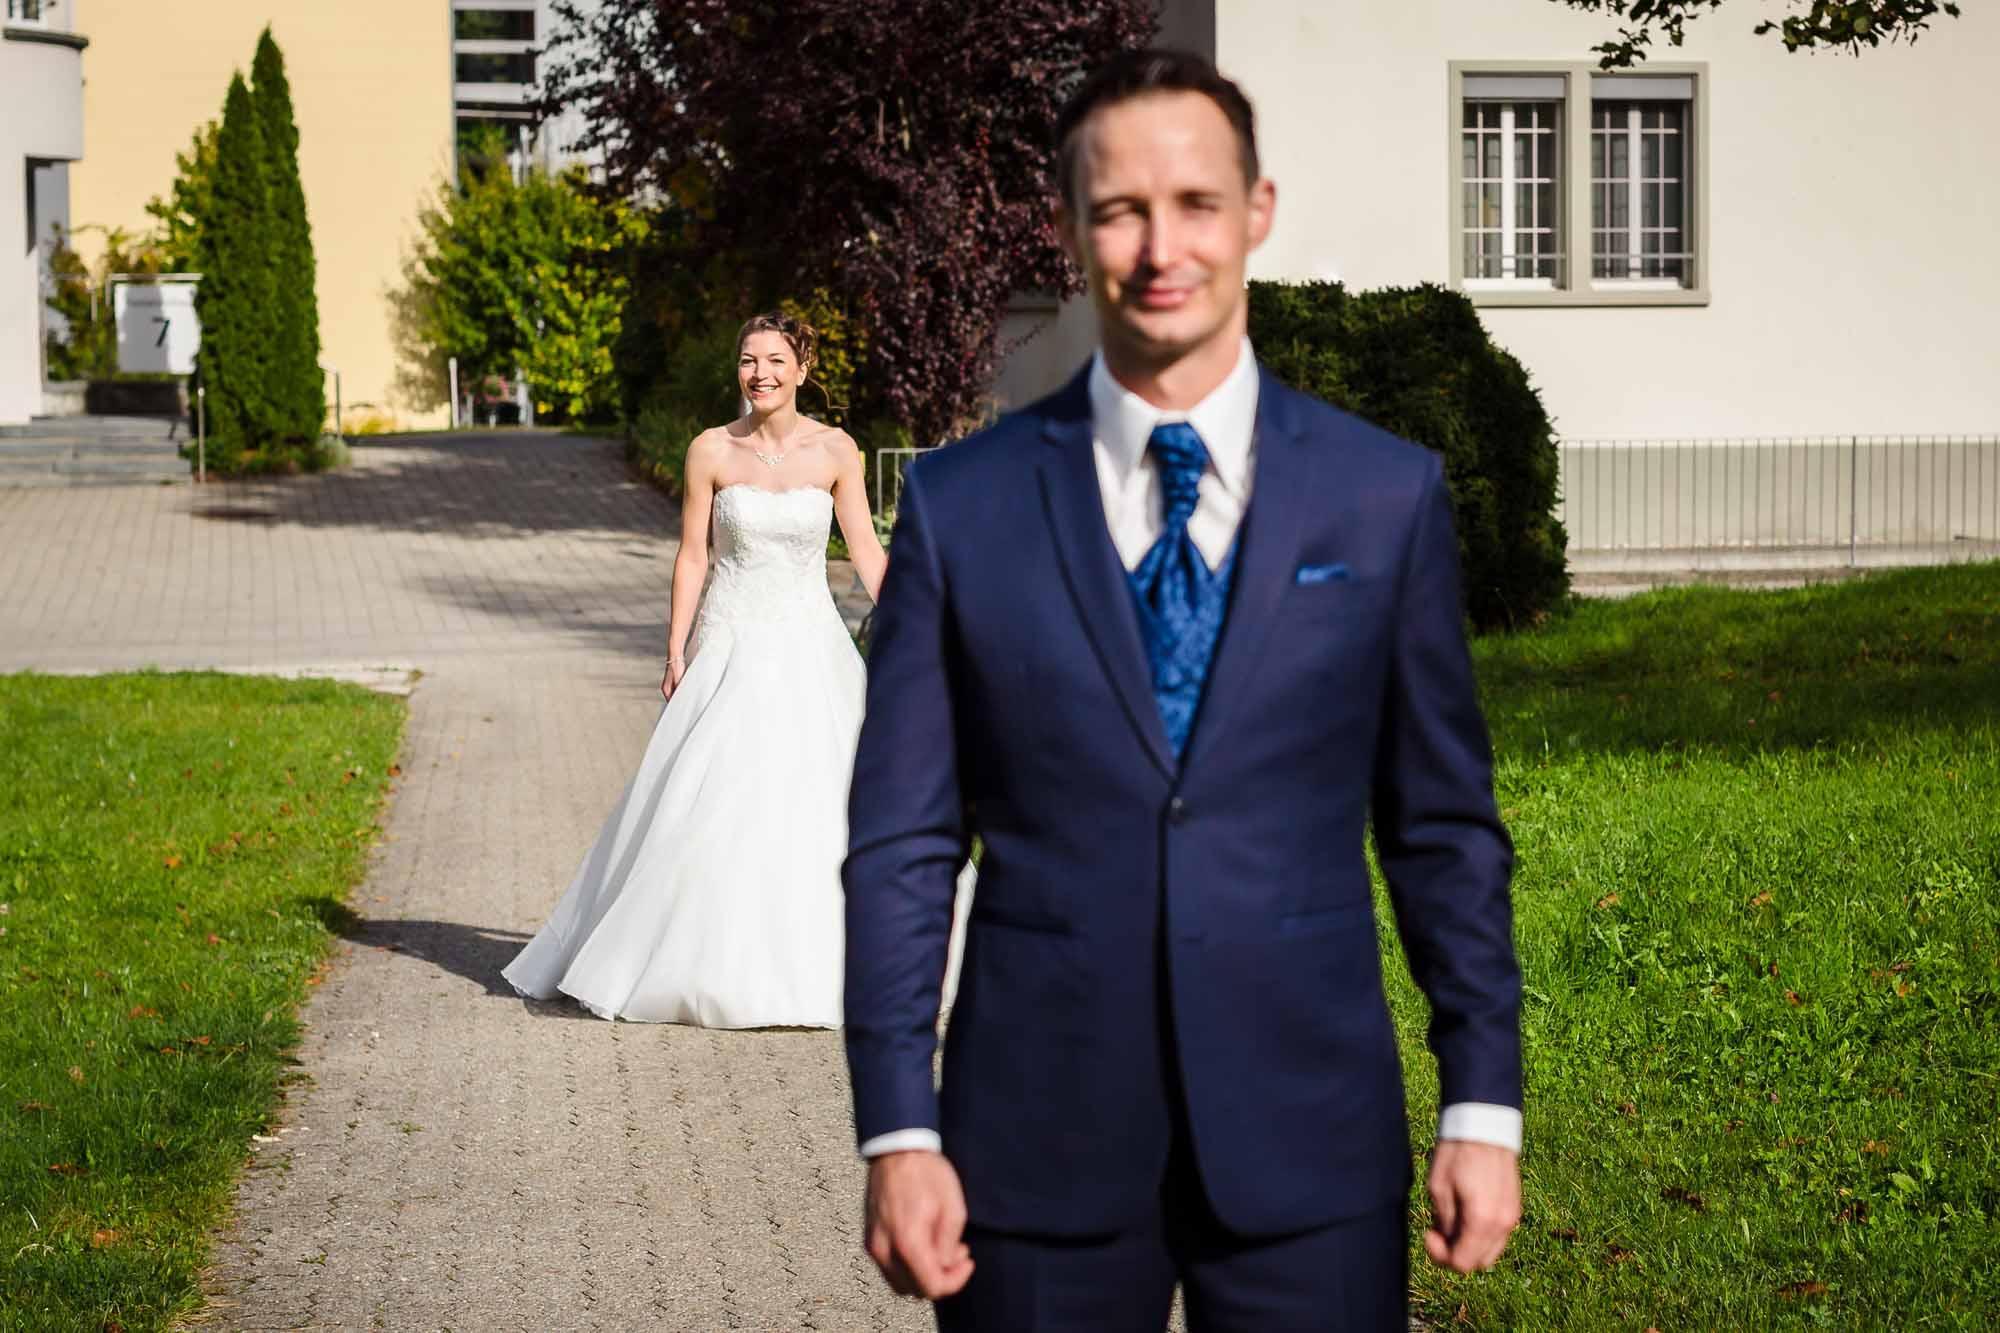 Brautpaar sieht sich zum ersten Mal. Braut schleicht sich an.